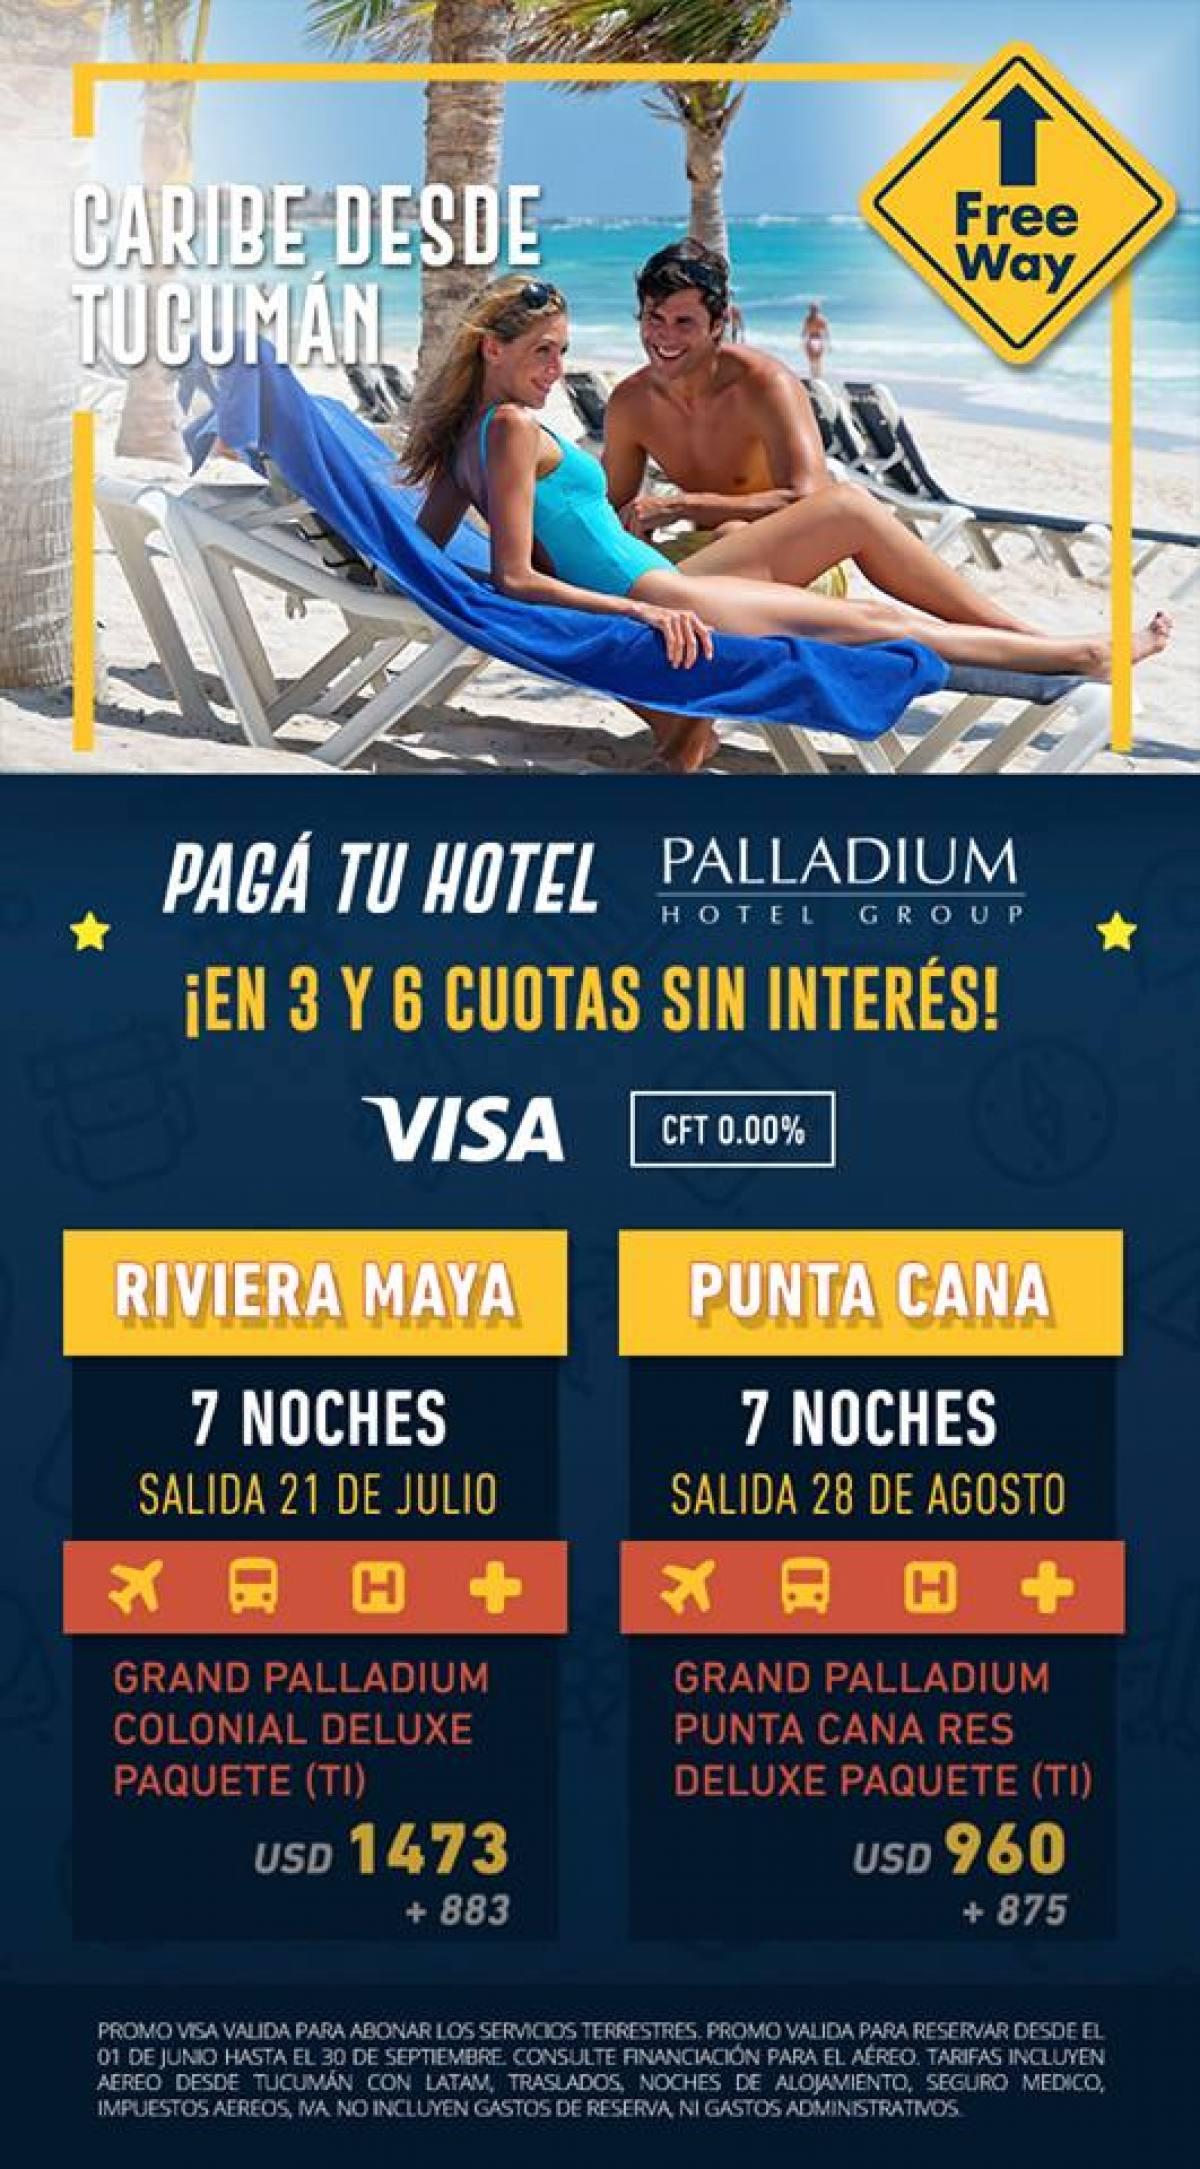 Viaje al Caribe Todo Incluido desde Tucumán Argentina